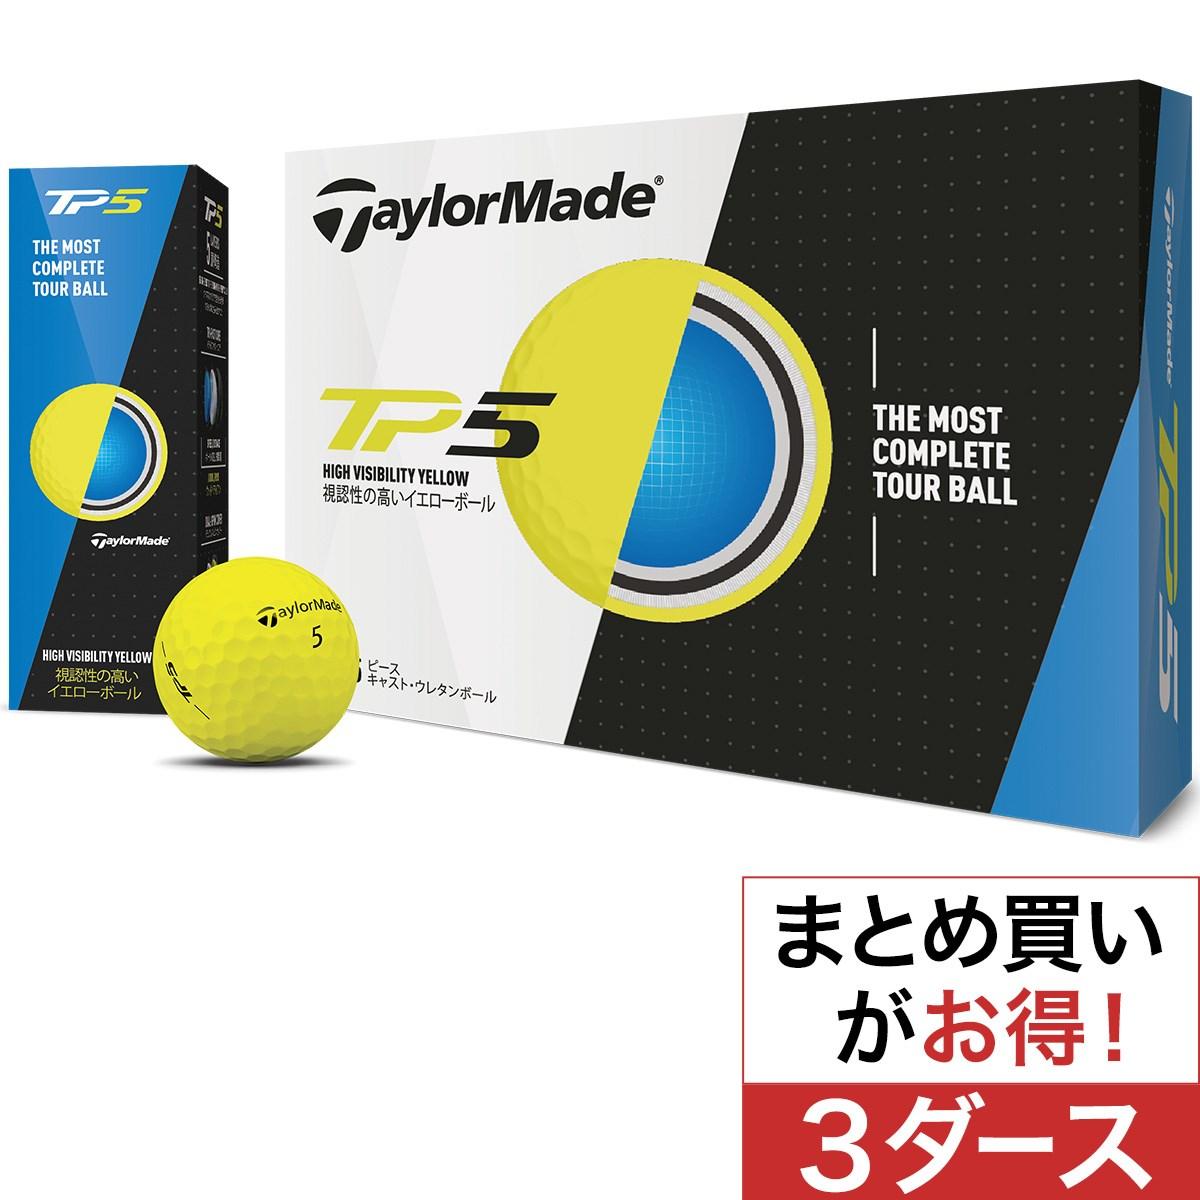 テーラーメイド(Taylor Made) TP5 Yellow ボール 3ダースセット